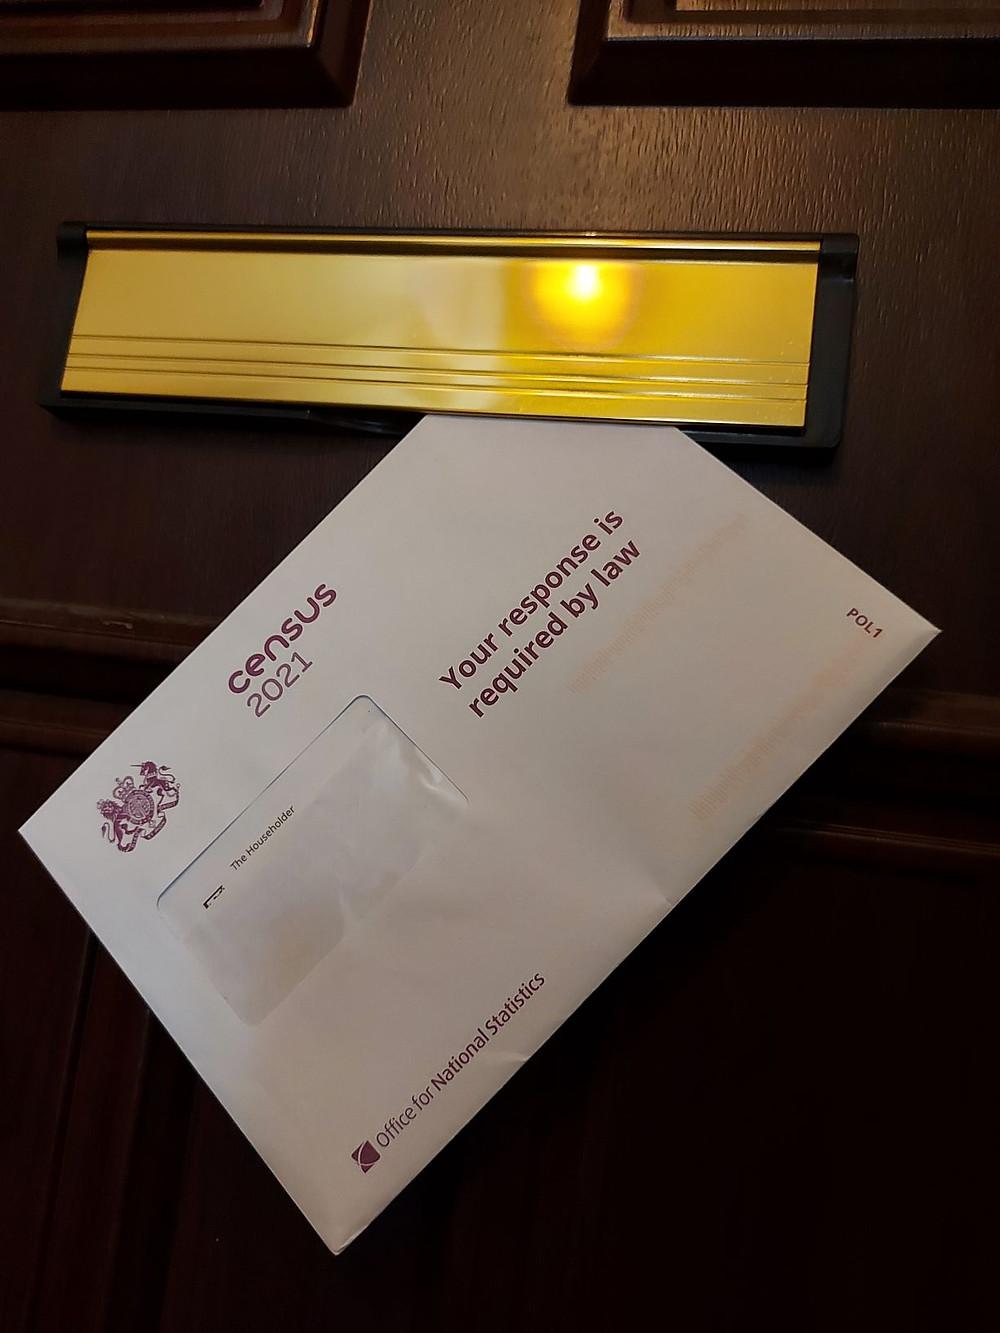 Census 2021 mailing